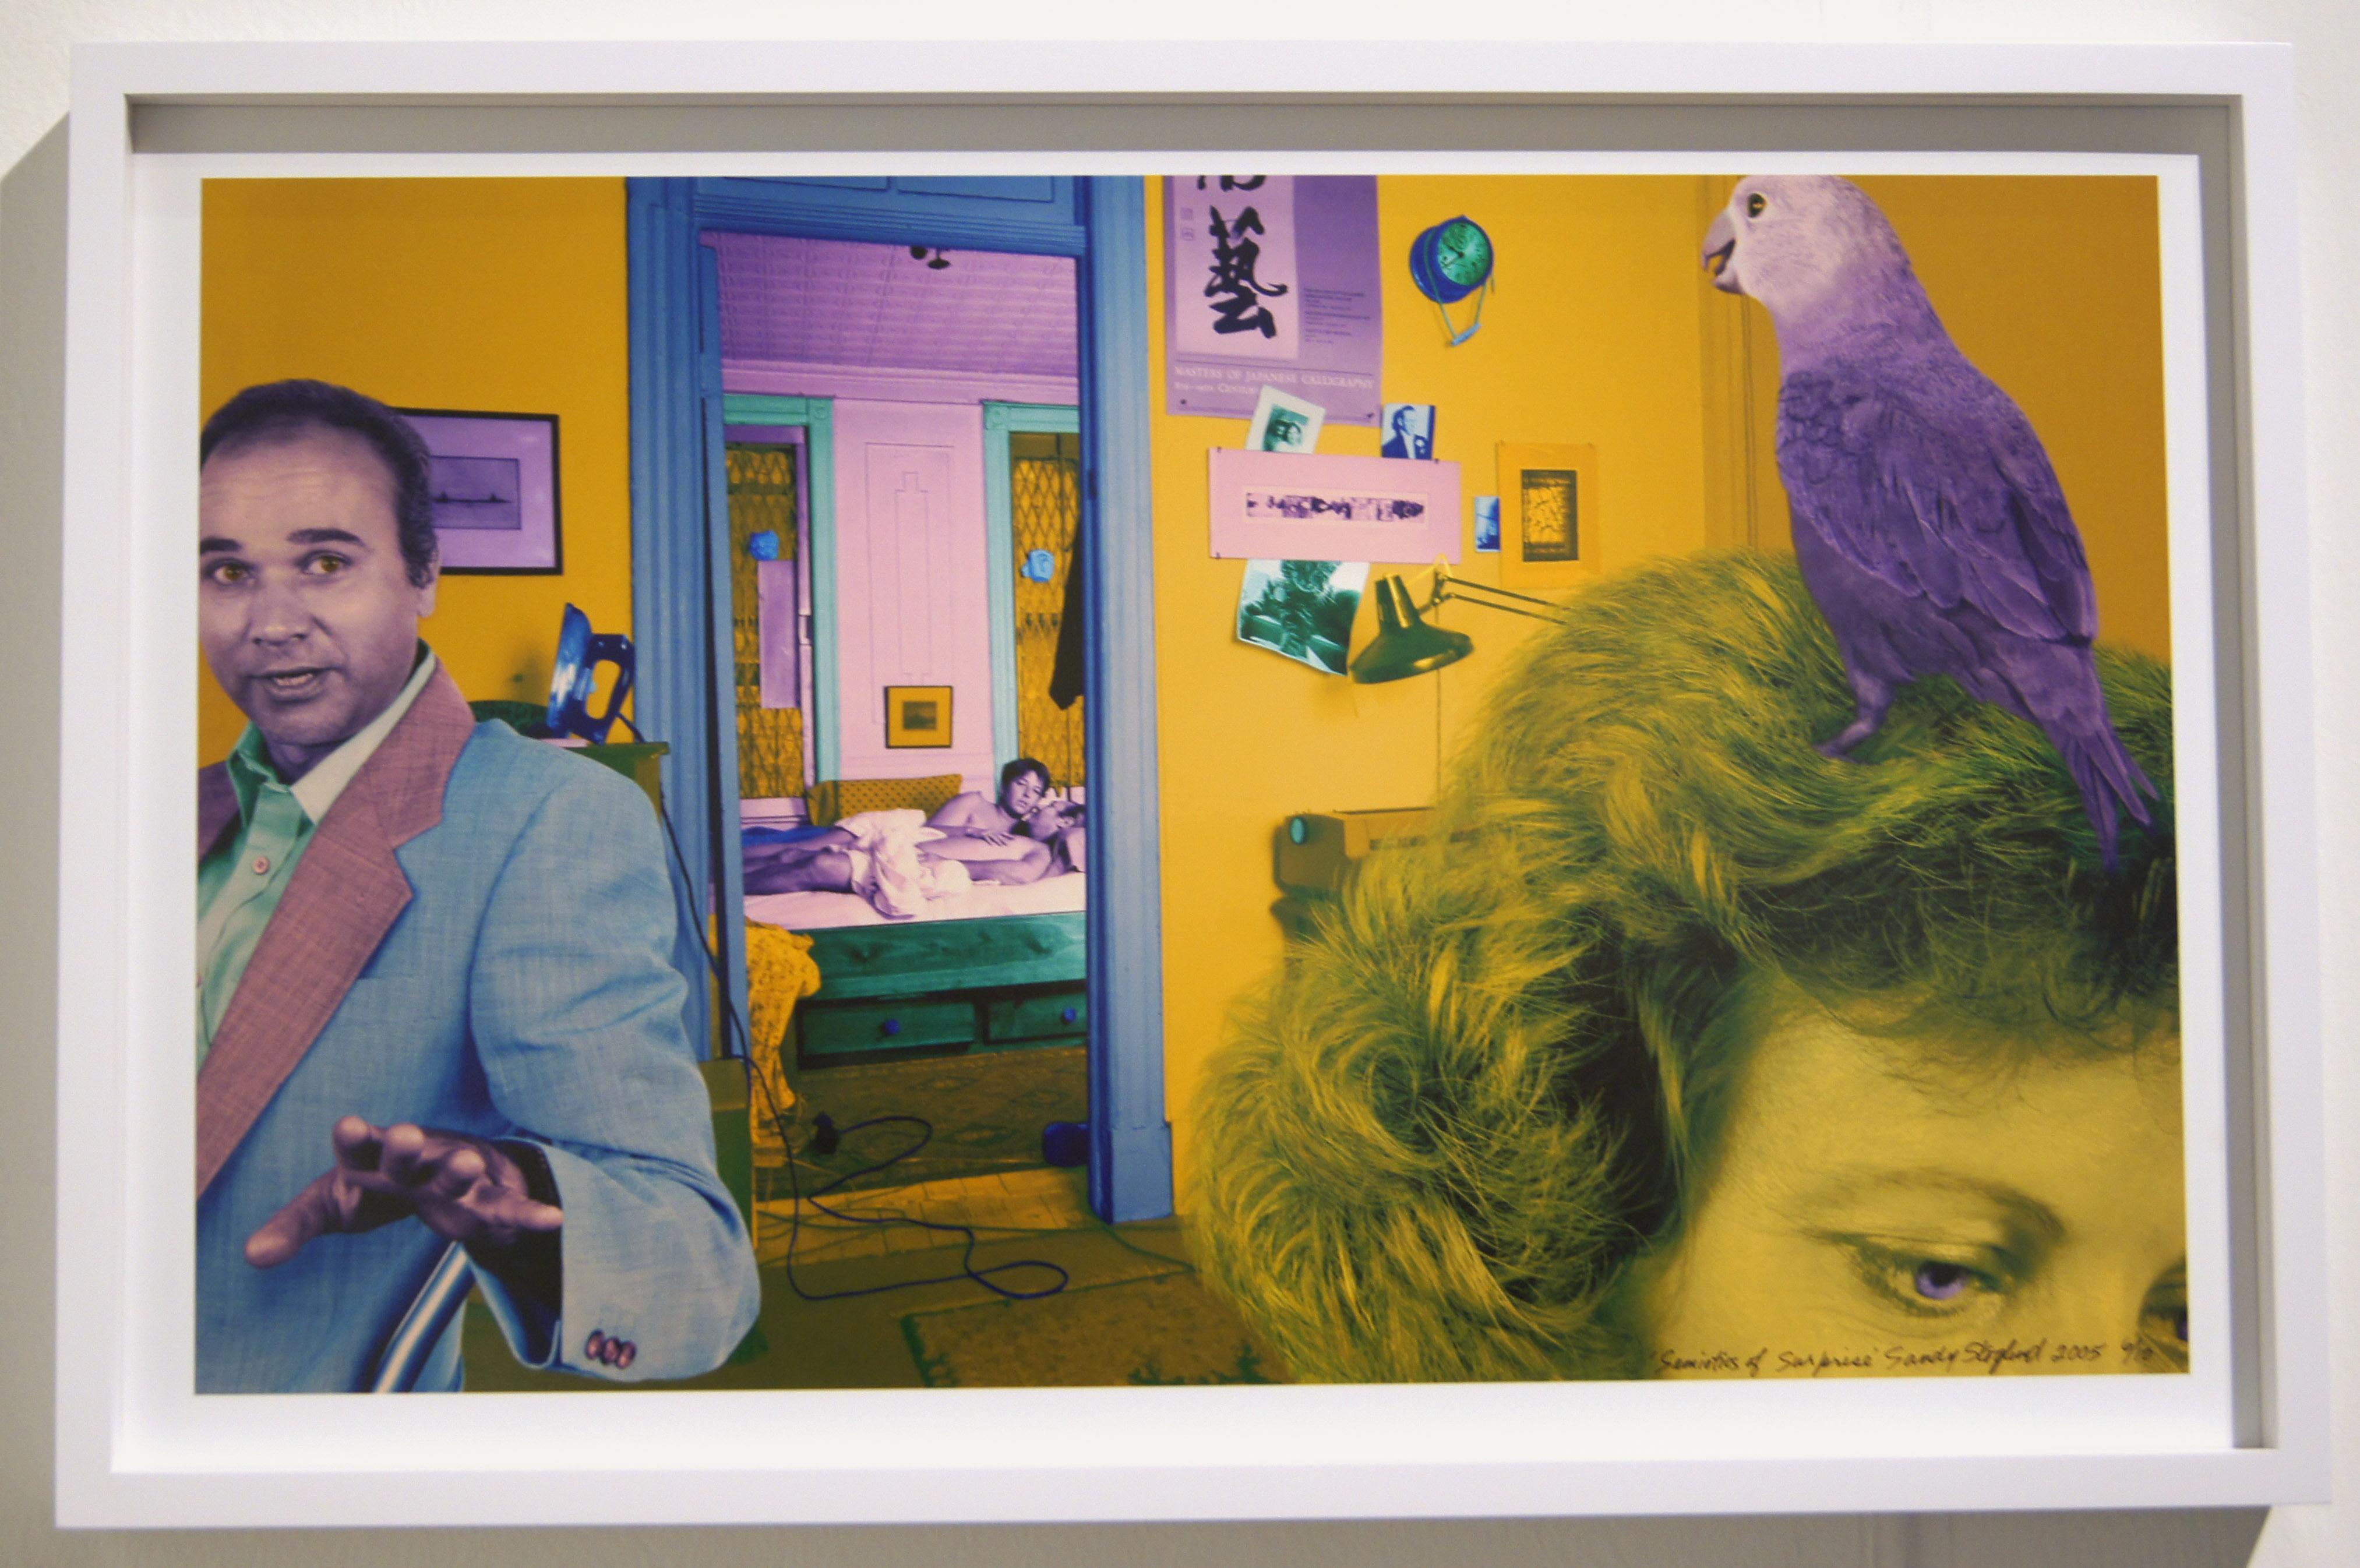 Sandy Skoglund from Ryan Lee Gallery